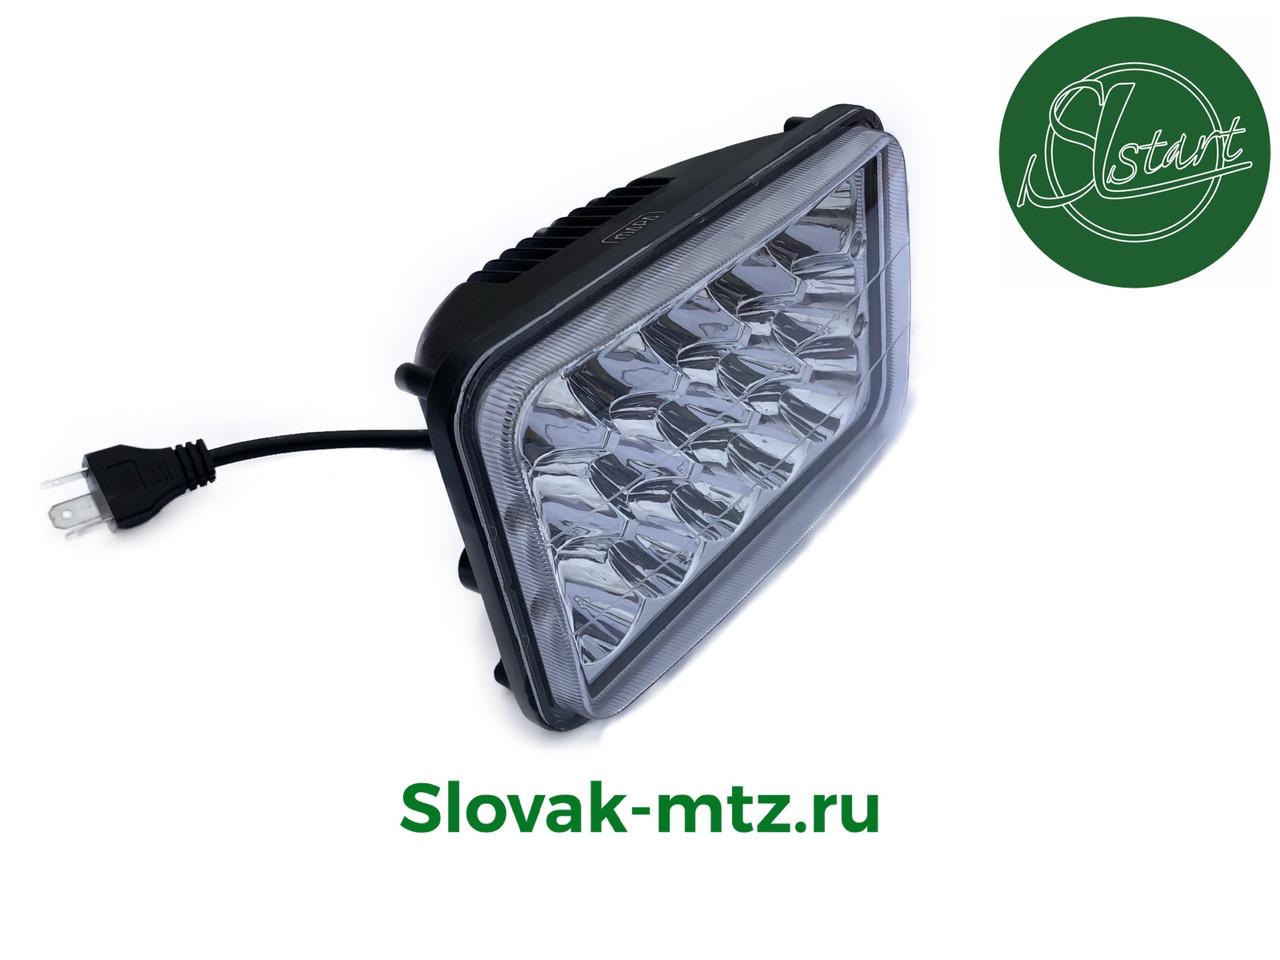 Светодиодная LED фара 45Вт прямоугольная 45W, 15 ламп, дальний и ближний луч 10/30